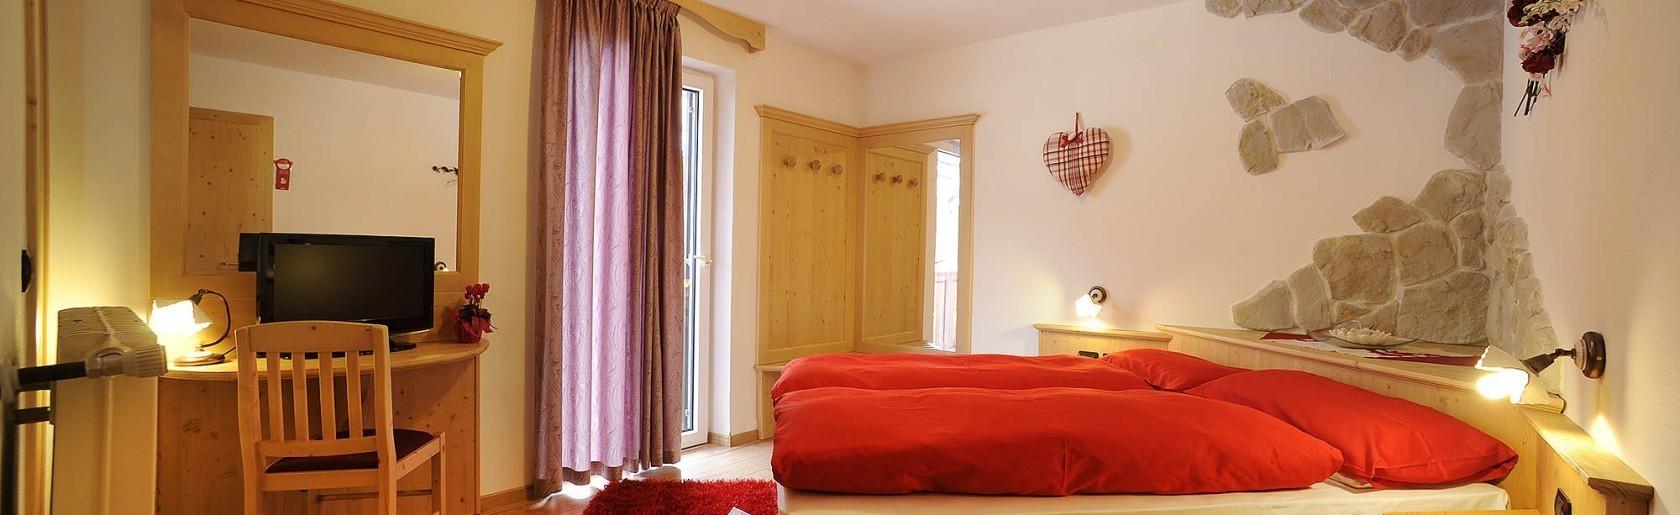 Camere Hotel Val di Cembra